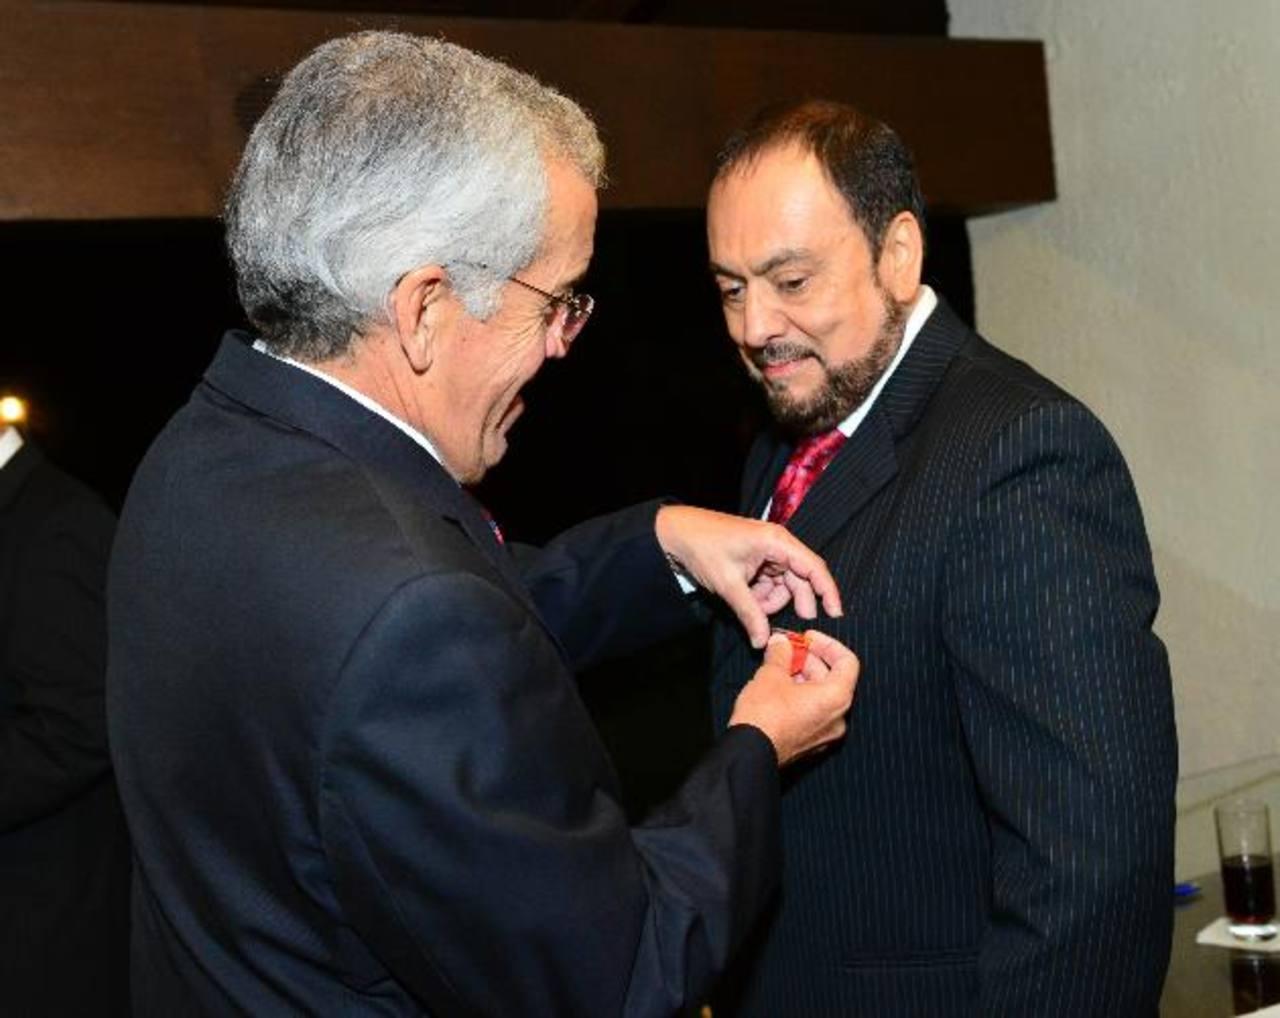 El embajador Renato Sepúlveda impone la medalla en grado de Caballero al periodista. Foto EDH /César Avilés.